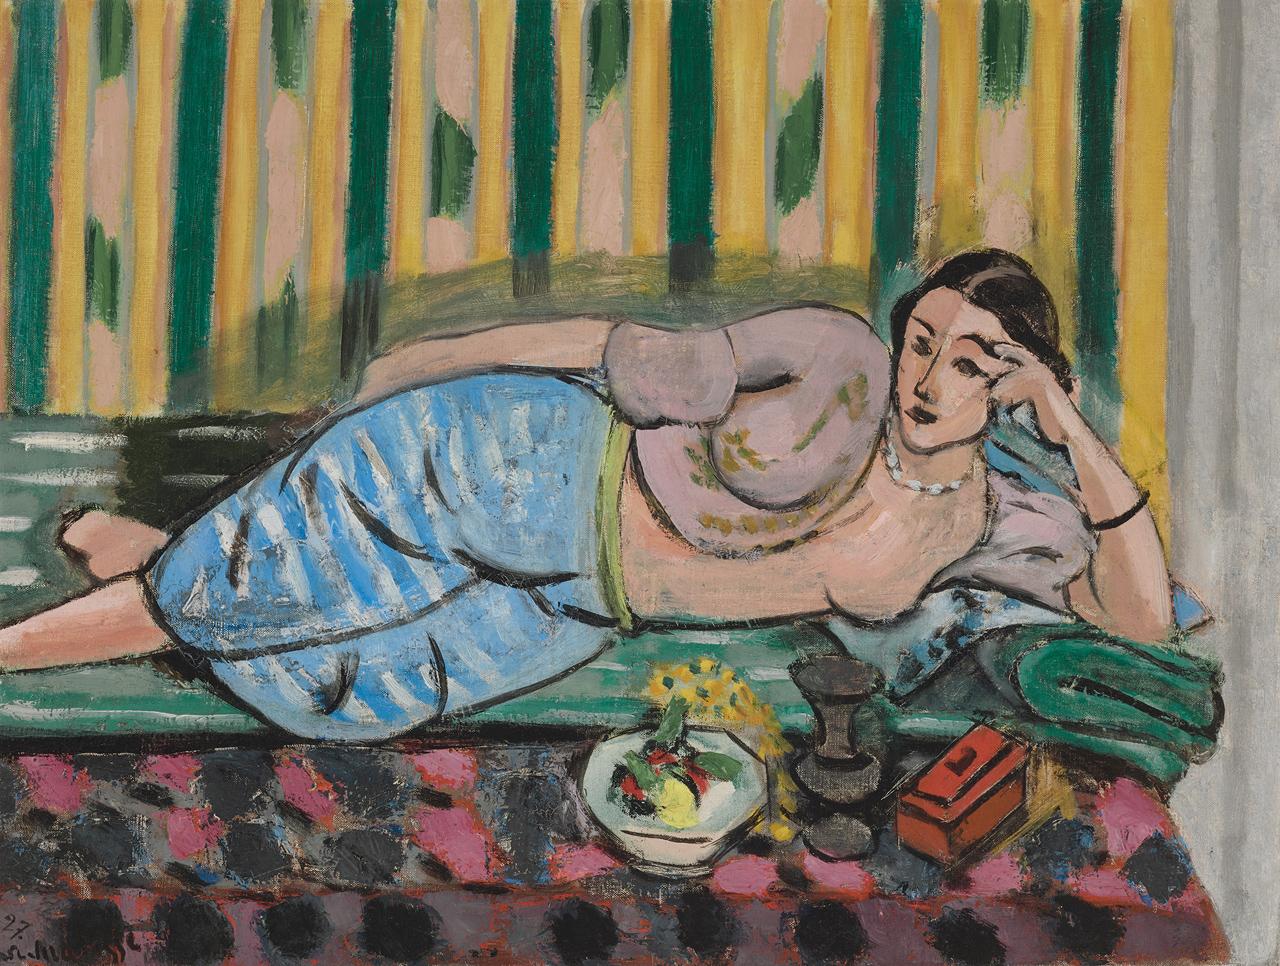 Henri Matisse, Odalisque au coffret rouge (Odaliske mit roter Schatulle), 1927. Musee Matisse, Nice. Legs de Madame Henri Matisse, 1960. Image: Succession H. Matisse / VG Bild-Kunst, Bonn, 2021